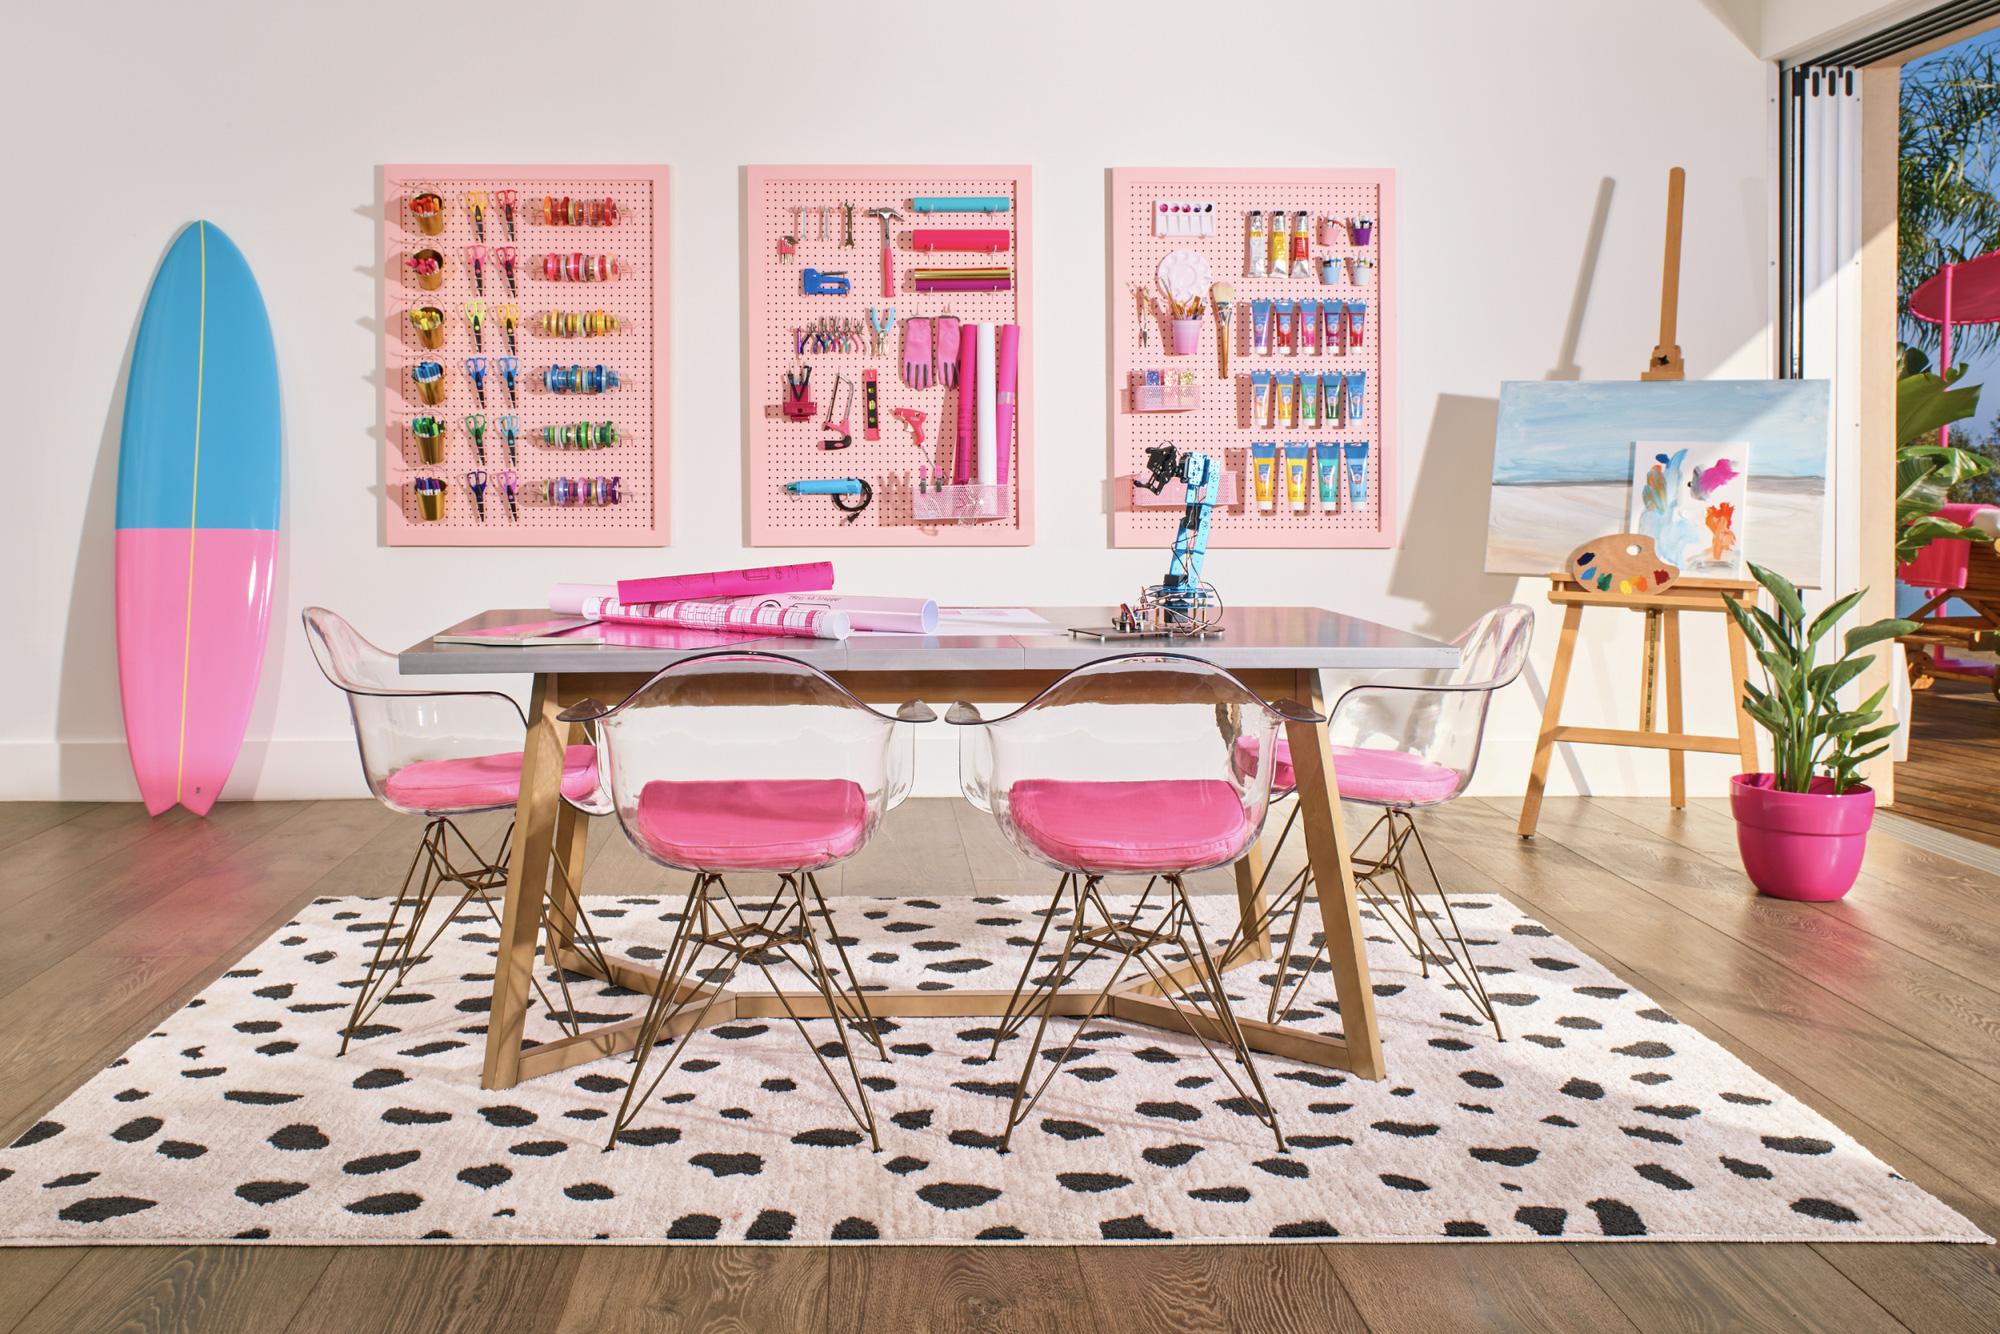 Ngôi nhà búp bê Barbie phiên bản hàng thật với giá 1,3 triệu/đêm, các cô gái nhanh tay xách vali lên nào - Ảnh 8.